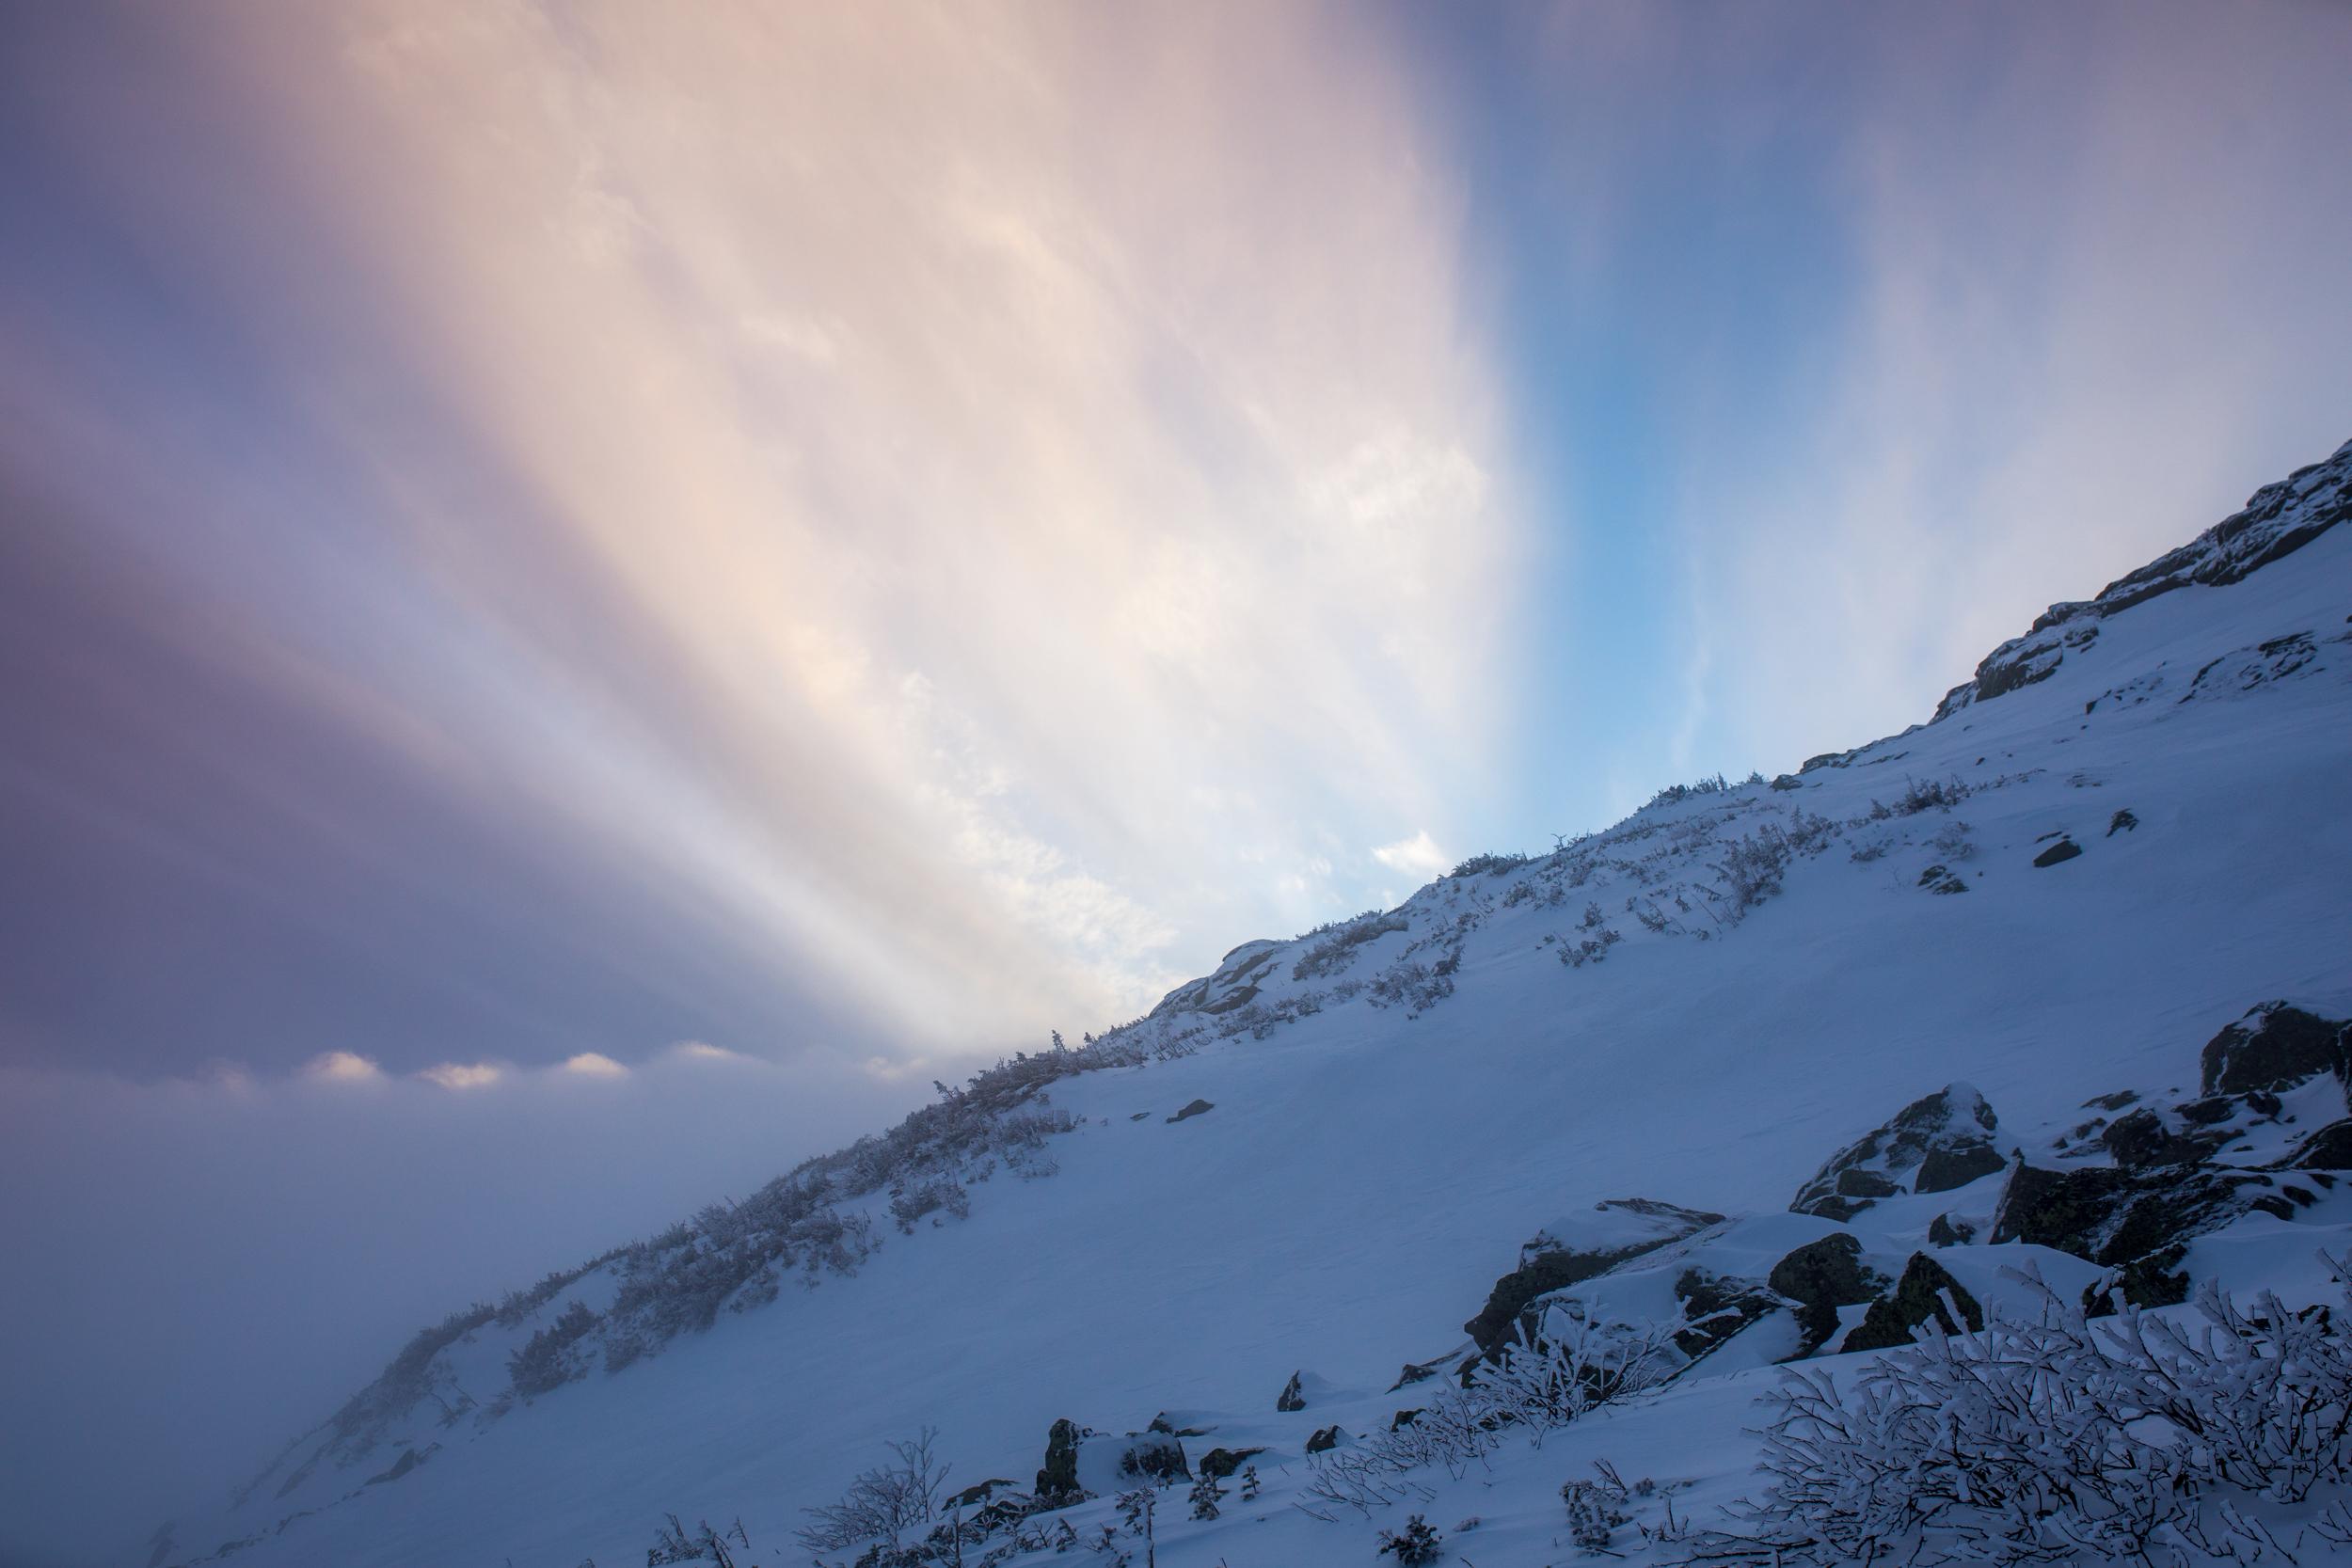 Sunset Mount Washington Clouds.jpg